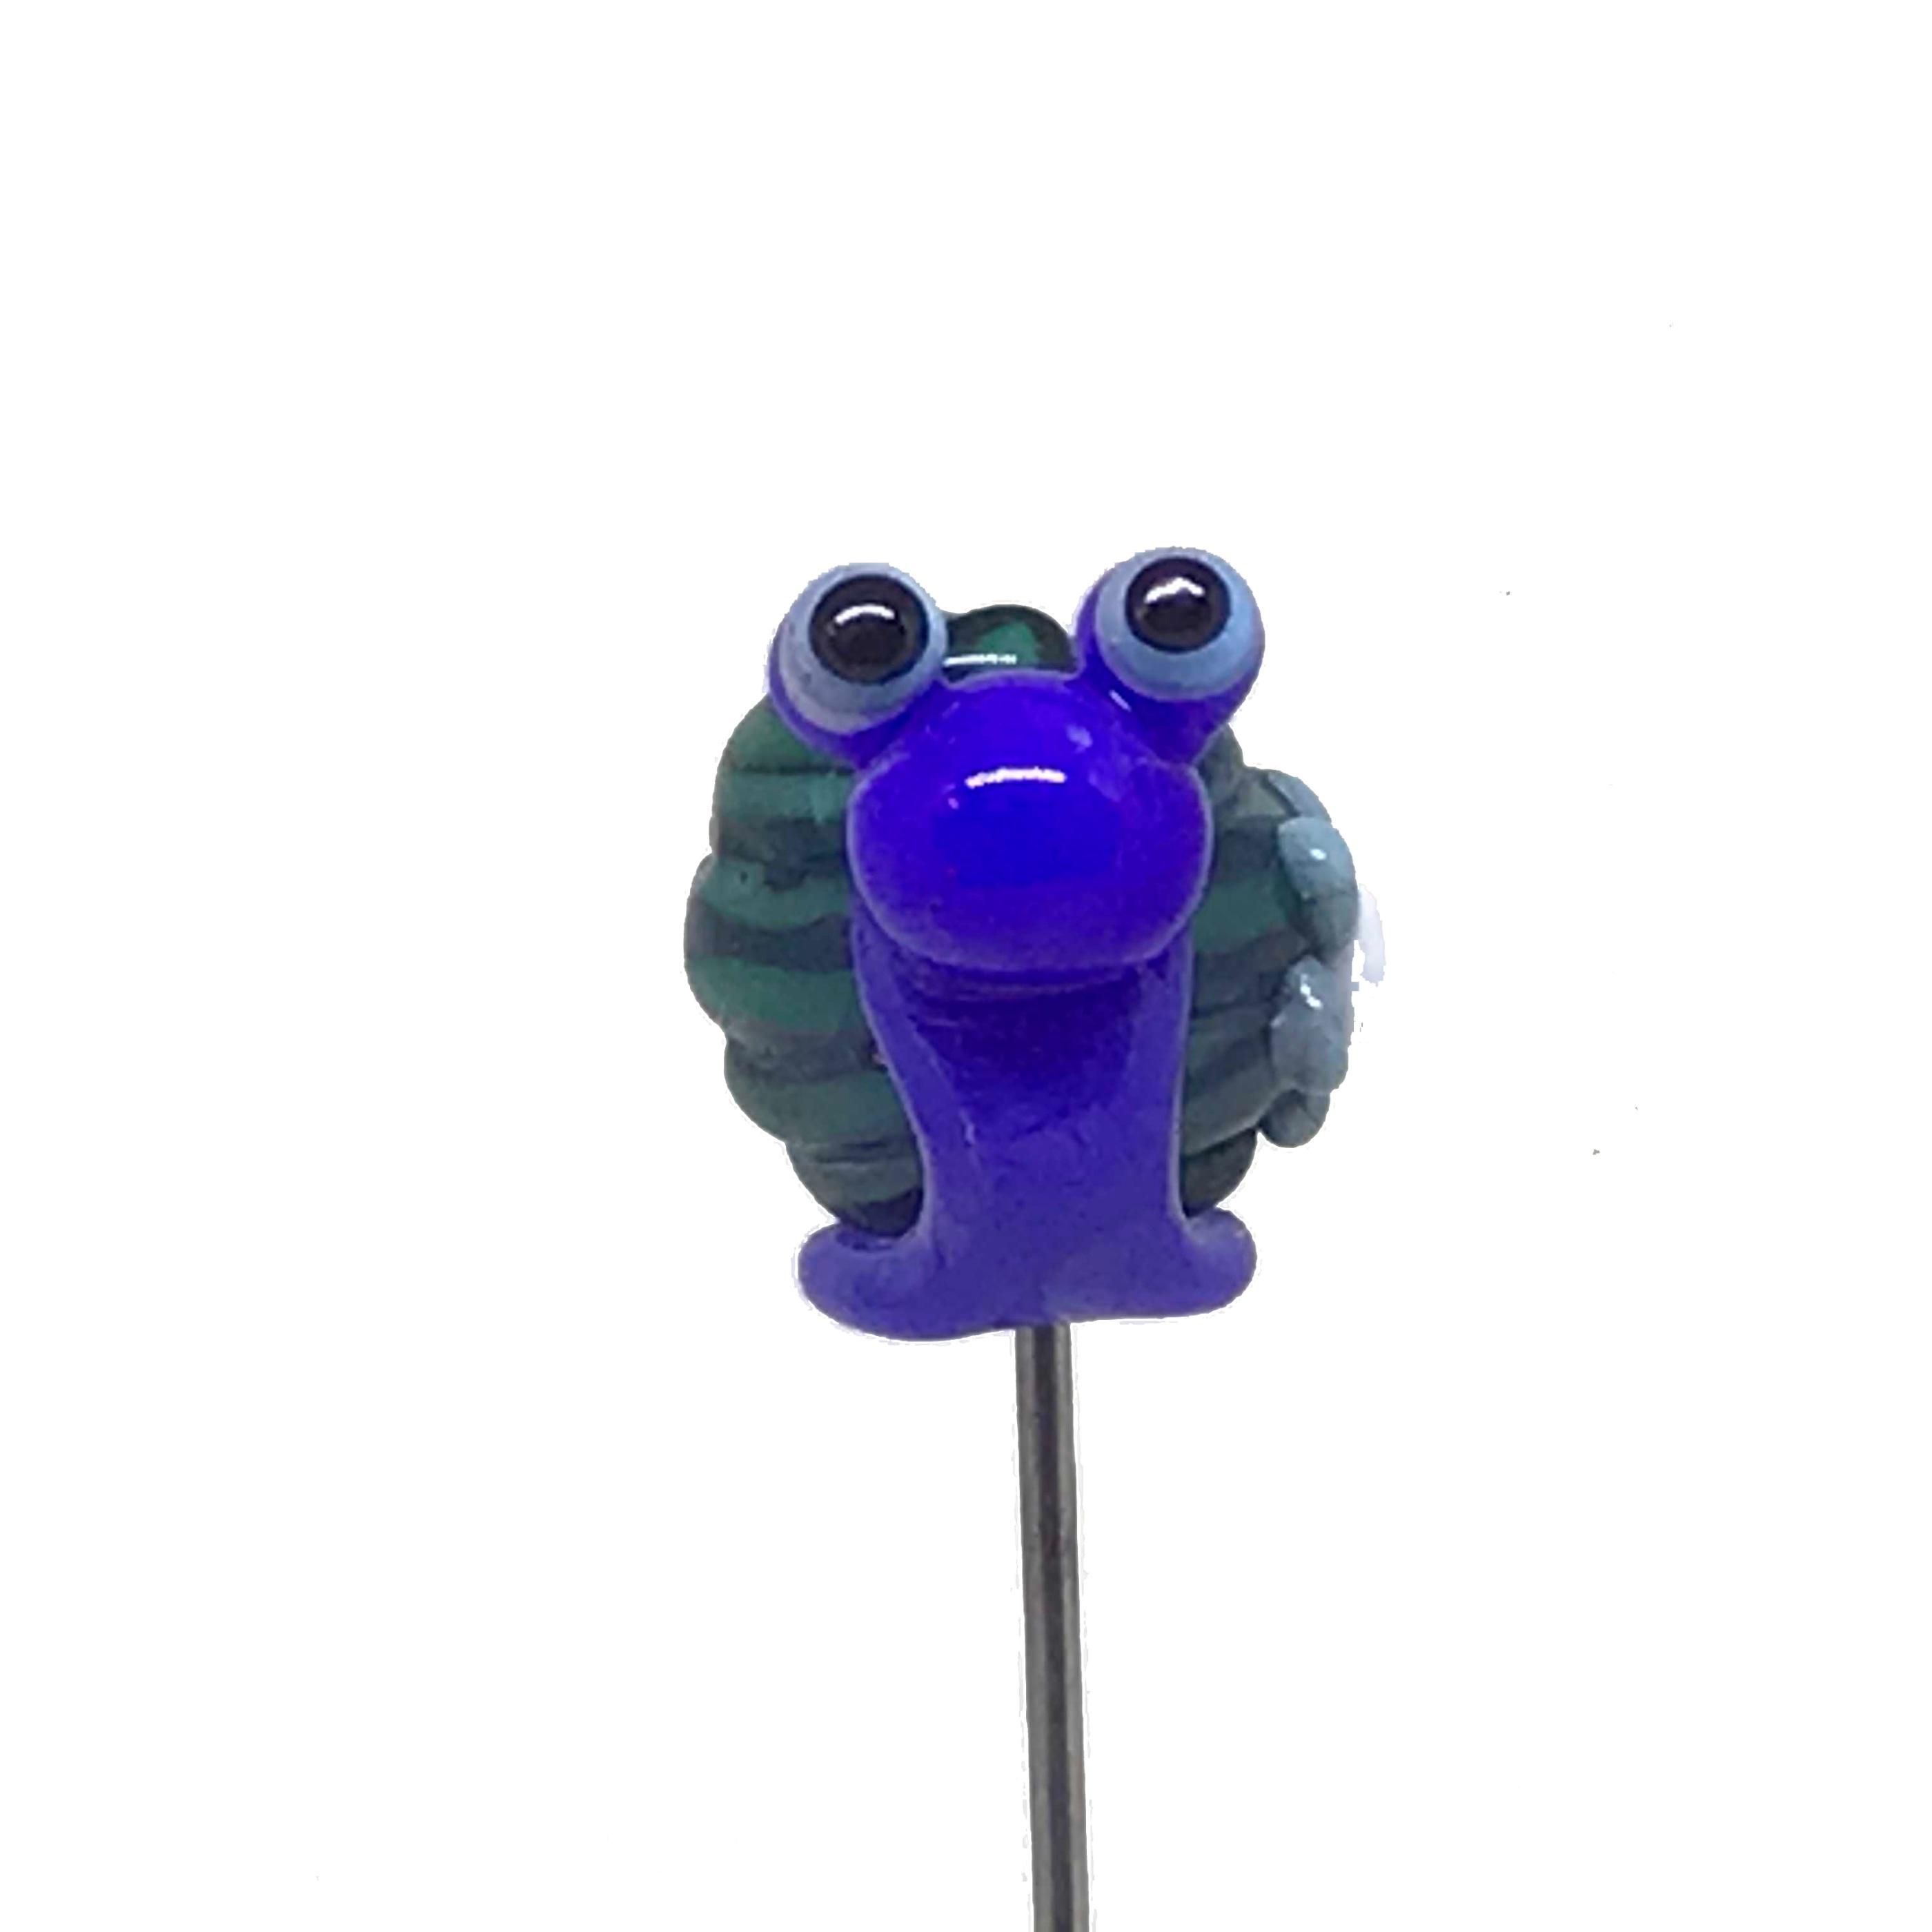 Snigel blå grön pinne framifrån frilagd